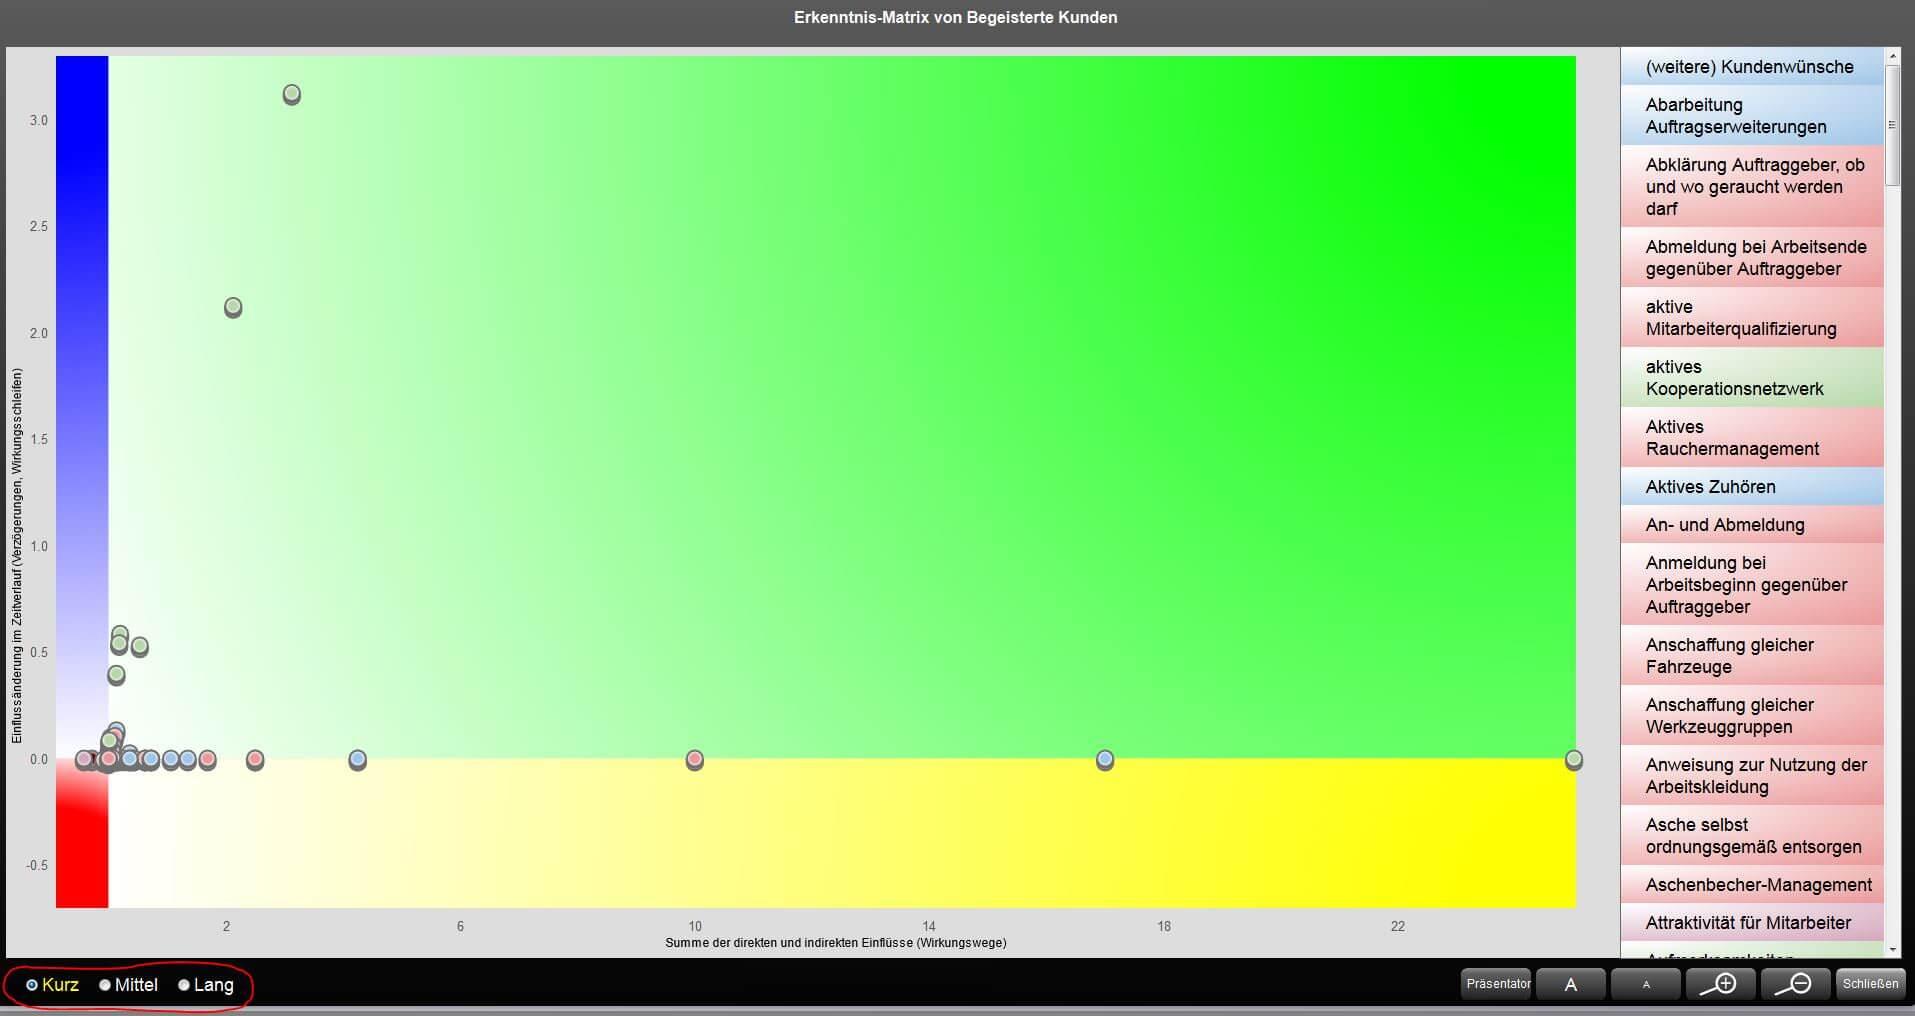 Kano Modell Erkenntnismatrix - Wahl des Analysezeitraums